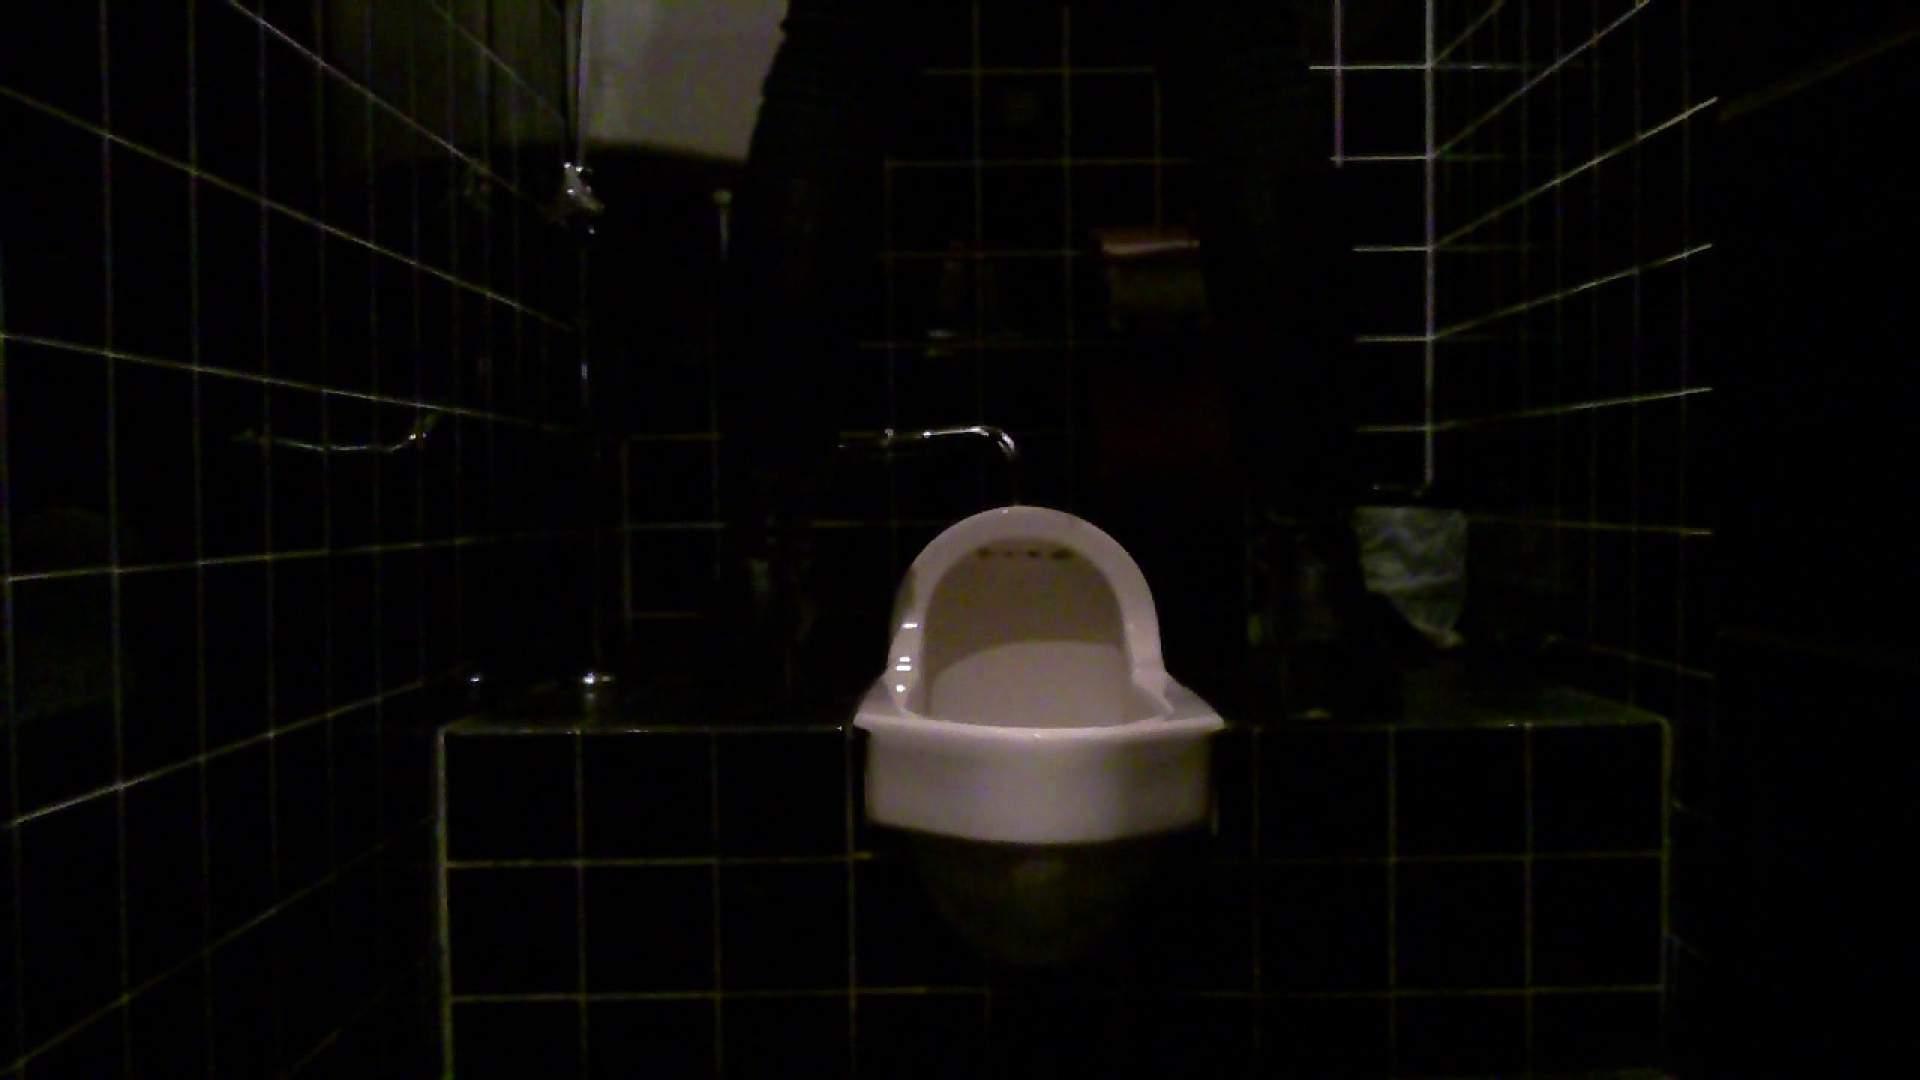 美女の集まる飲み屋洗面所 vol.05 美女ヌード  79画像 39